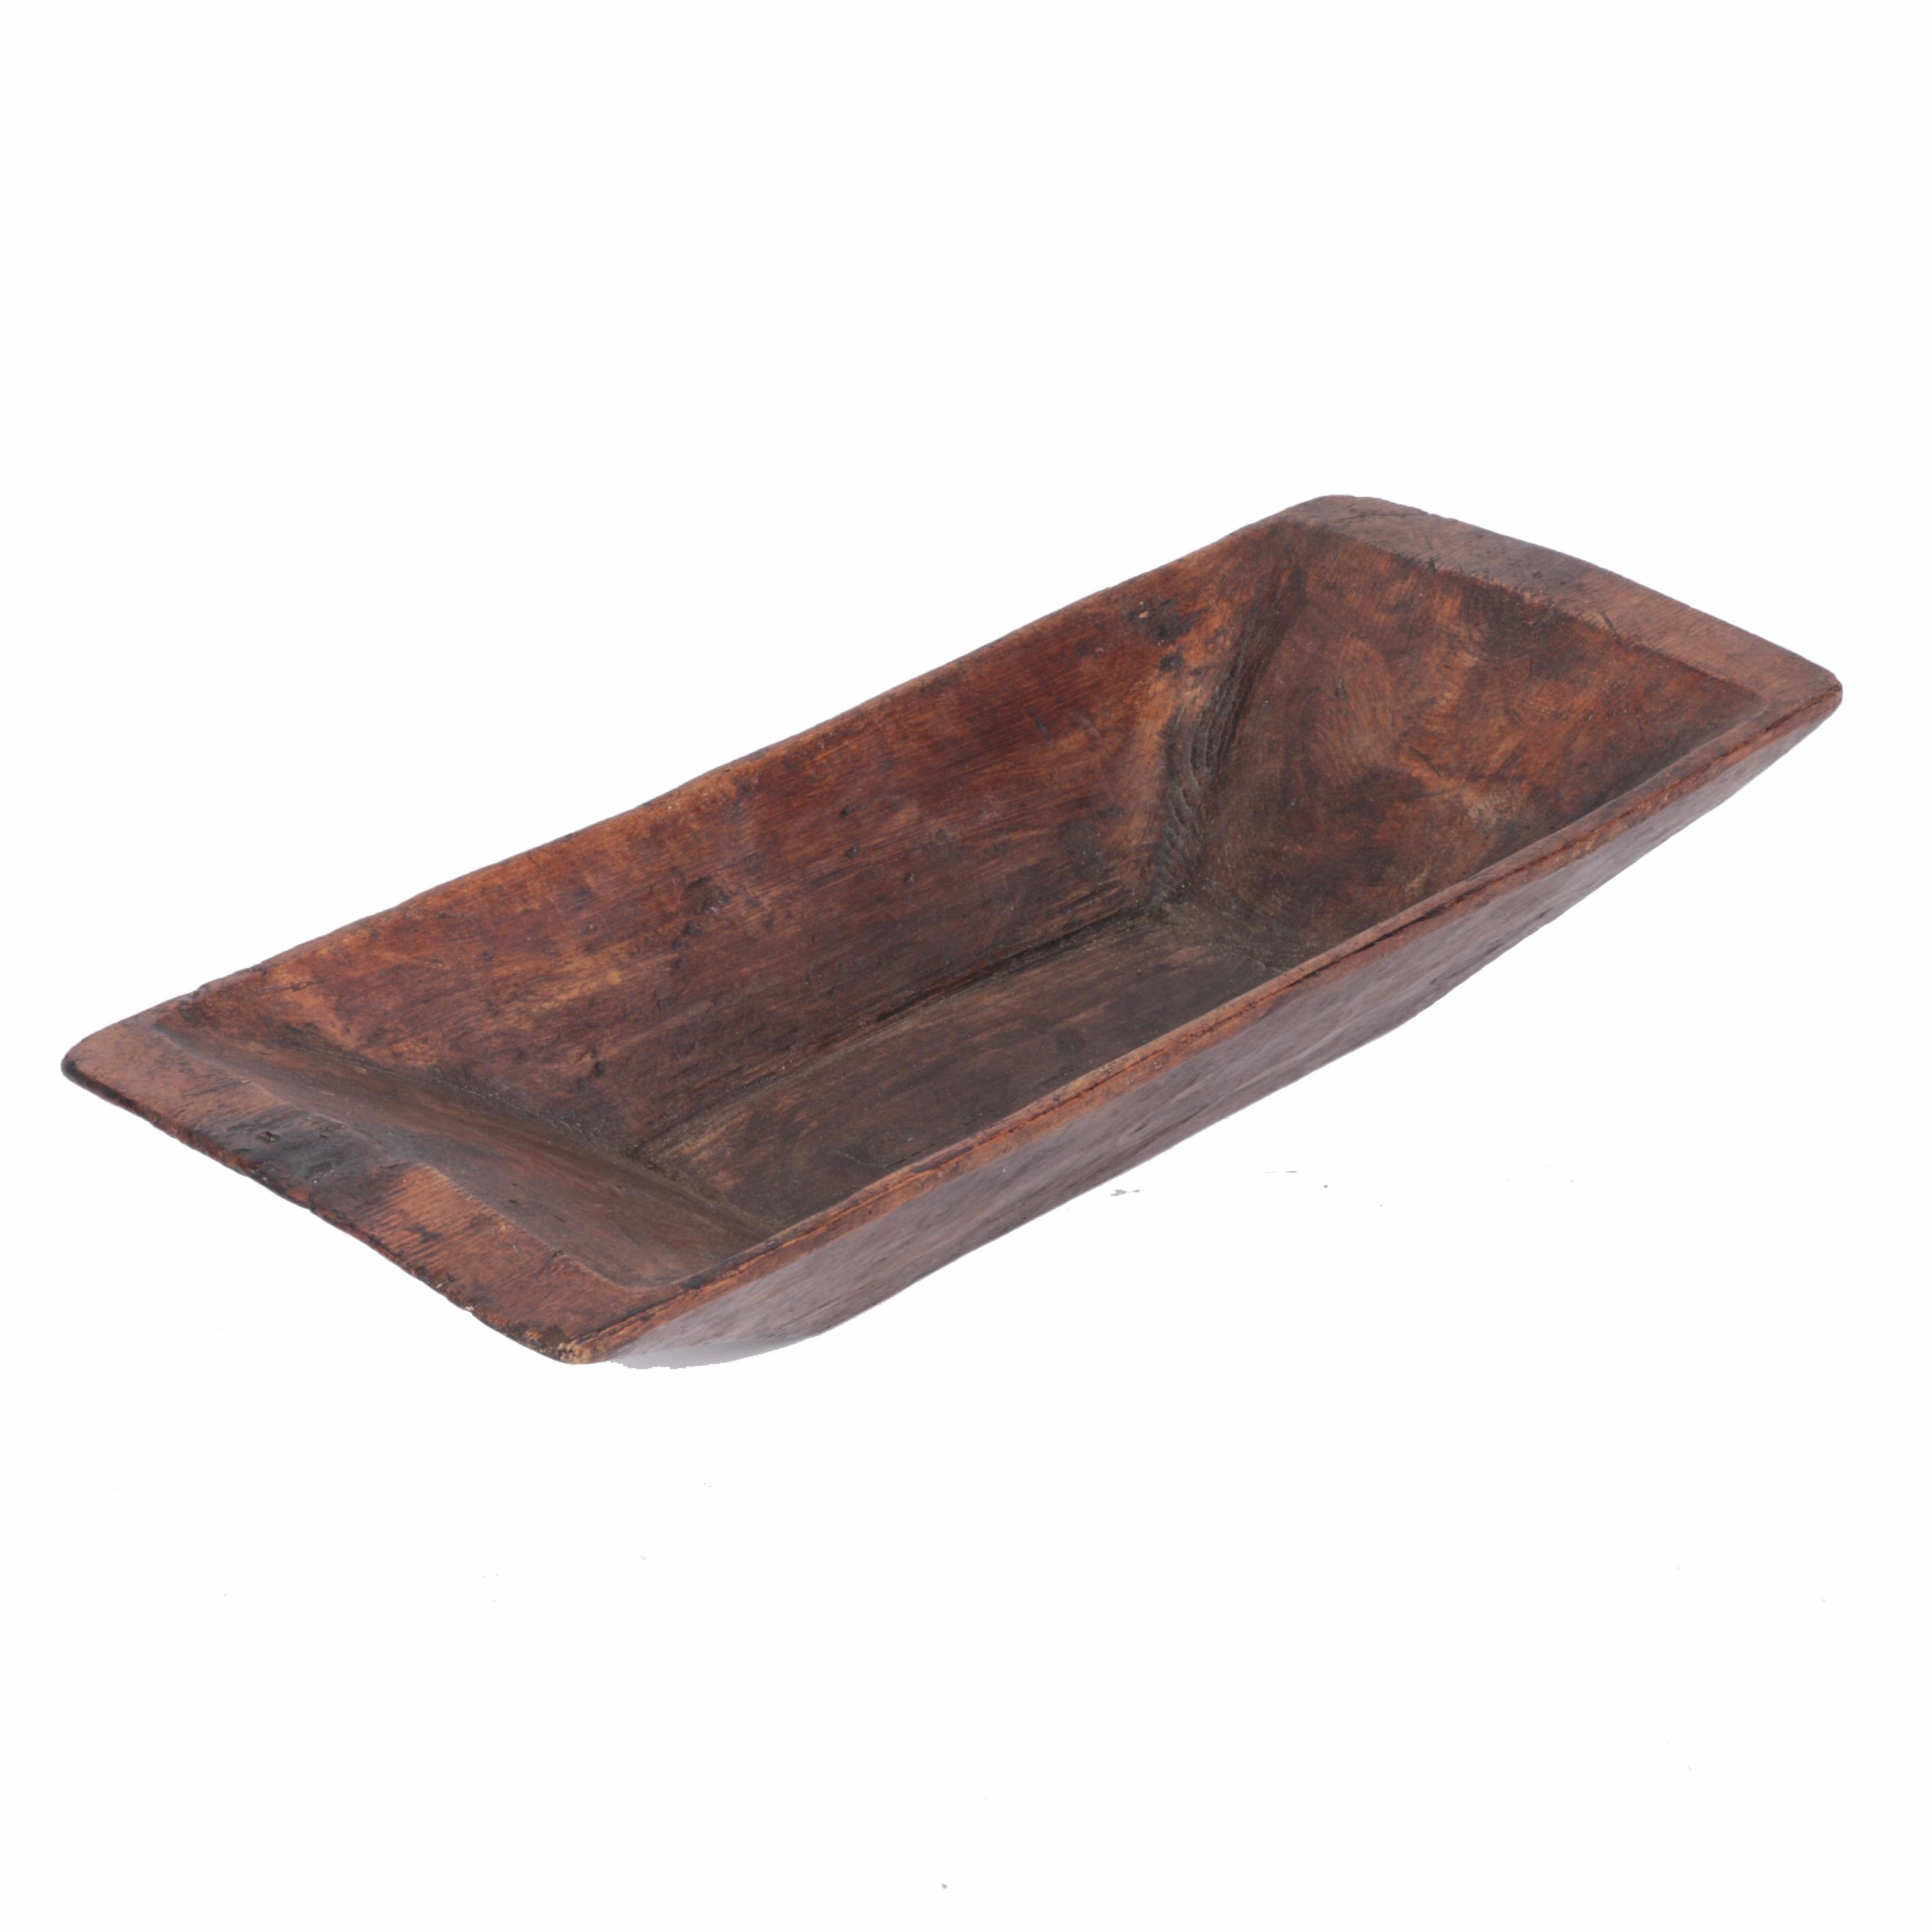 Antique Wooden Dough Trough Trencher